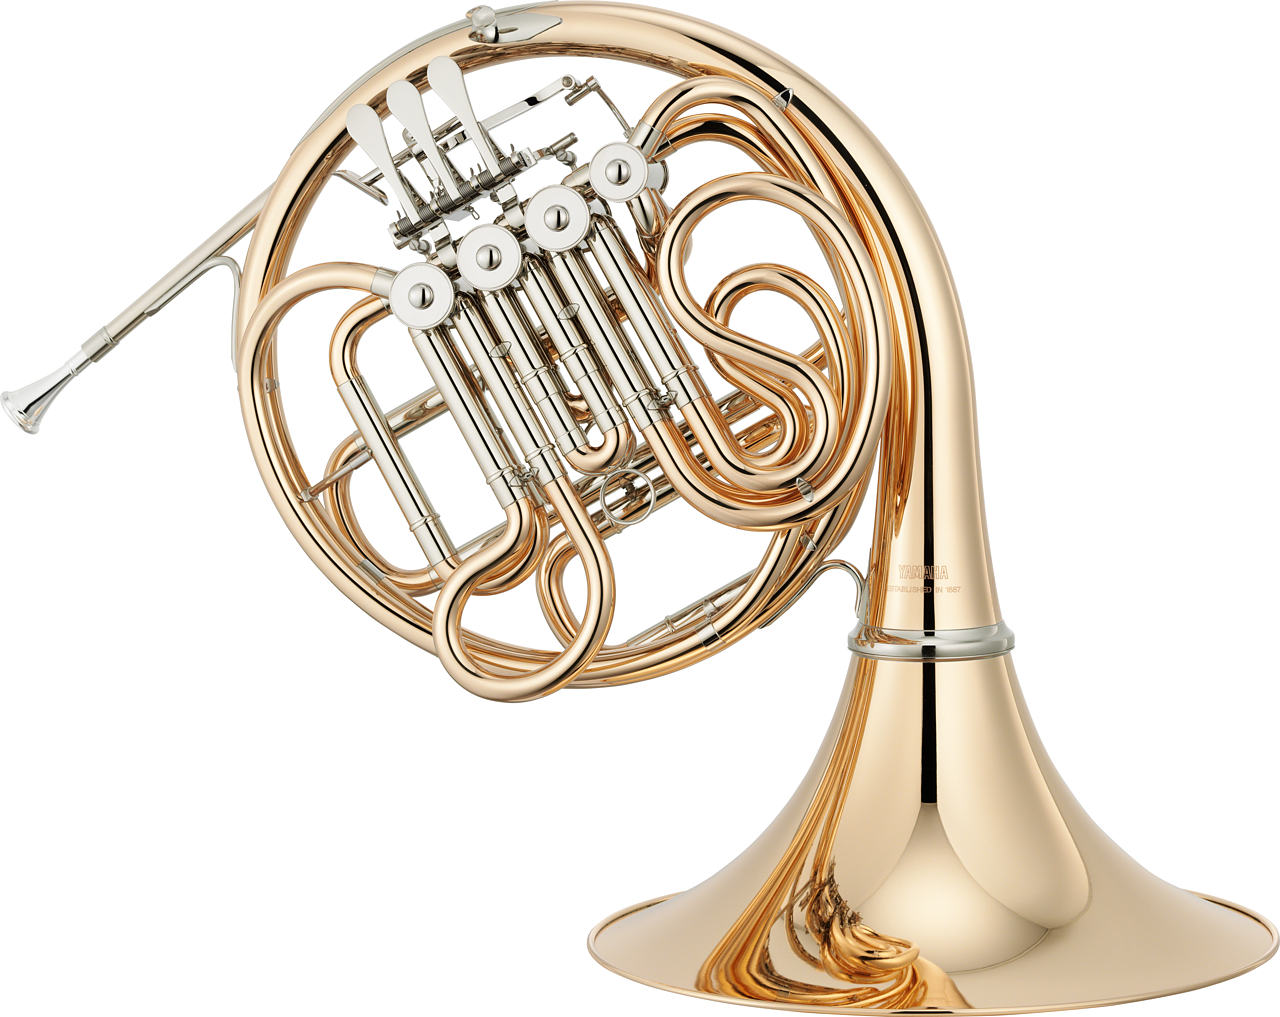 Yamaha - YHR - 567GB - Blechblasinstrumente - Hörner | MUSIK BERTRAM Deutschland Freiburg